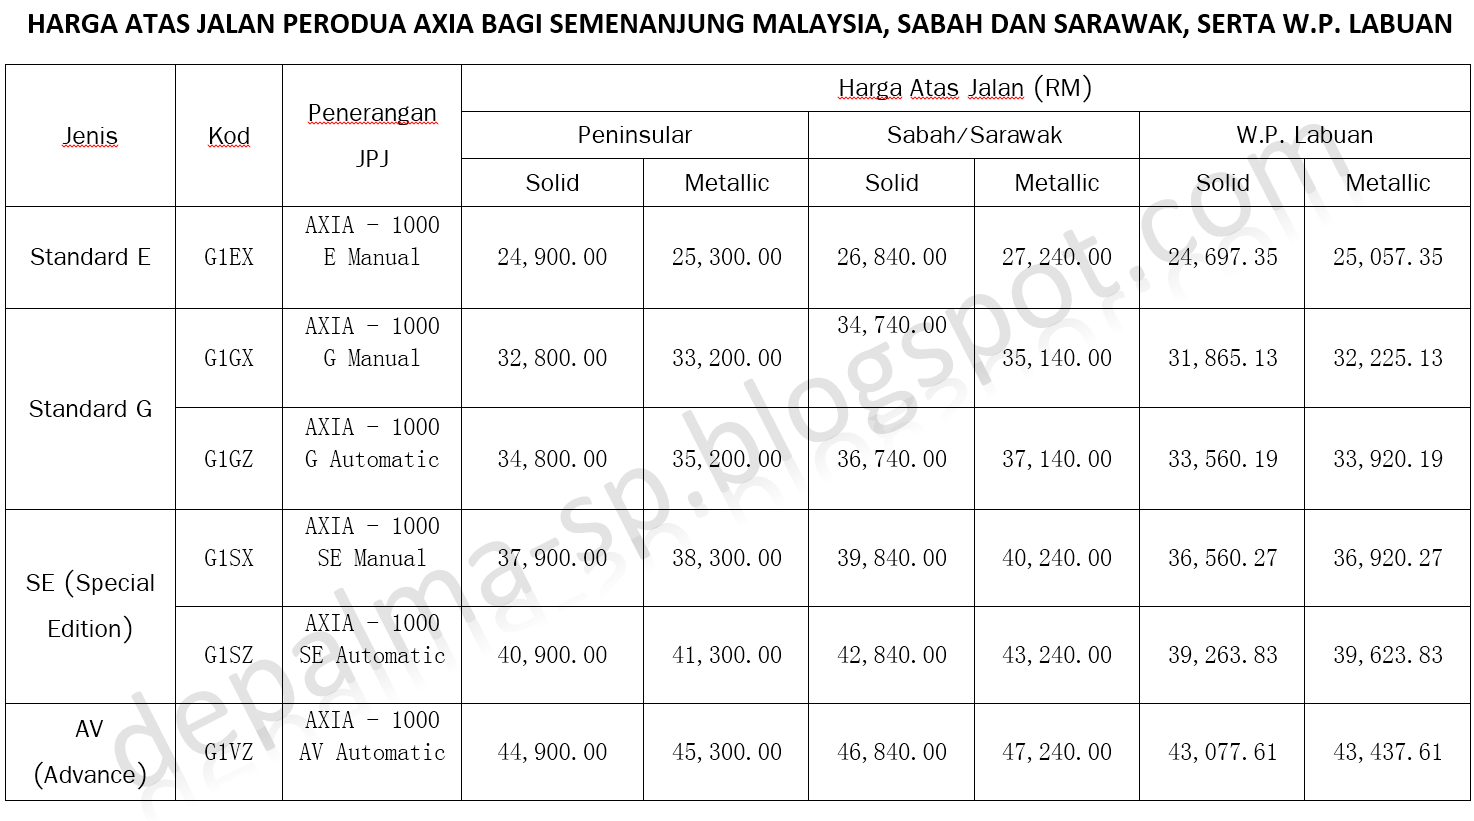 perodua axia, harga perodua axia, perodua axia murah, harga perodua axia 2014, Harga Perodua Axia Bagi Semenanjung Malaysia , Sabah dan Sarawak Serta W.P. Labuan